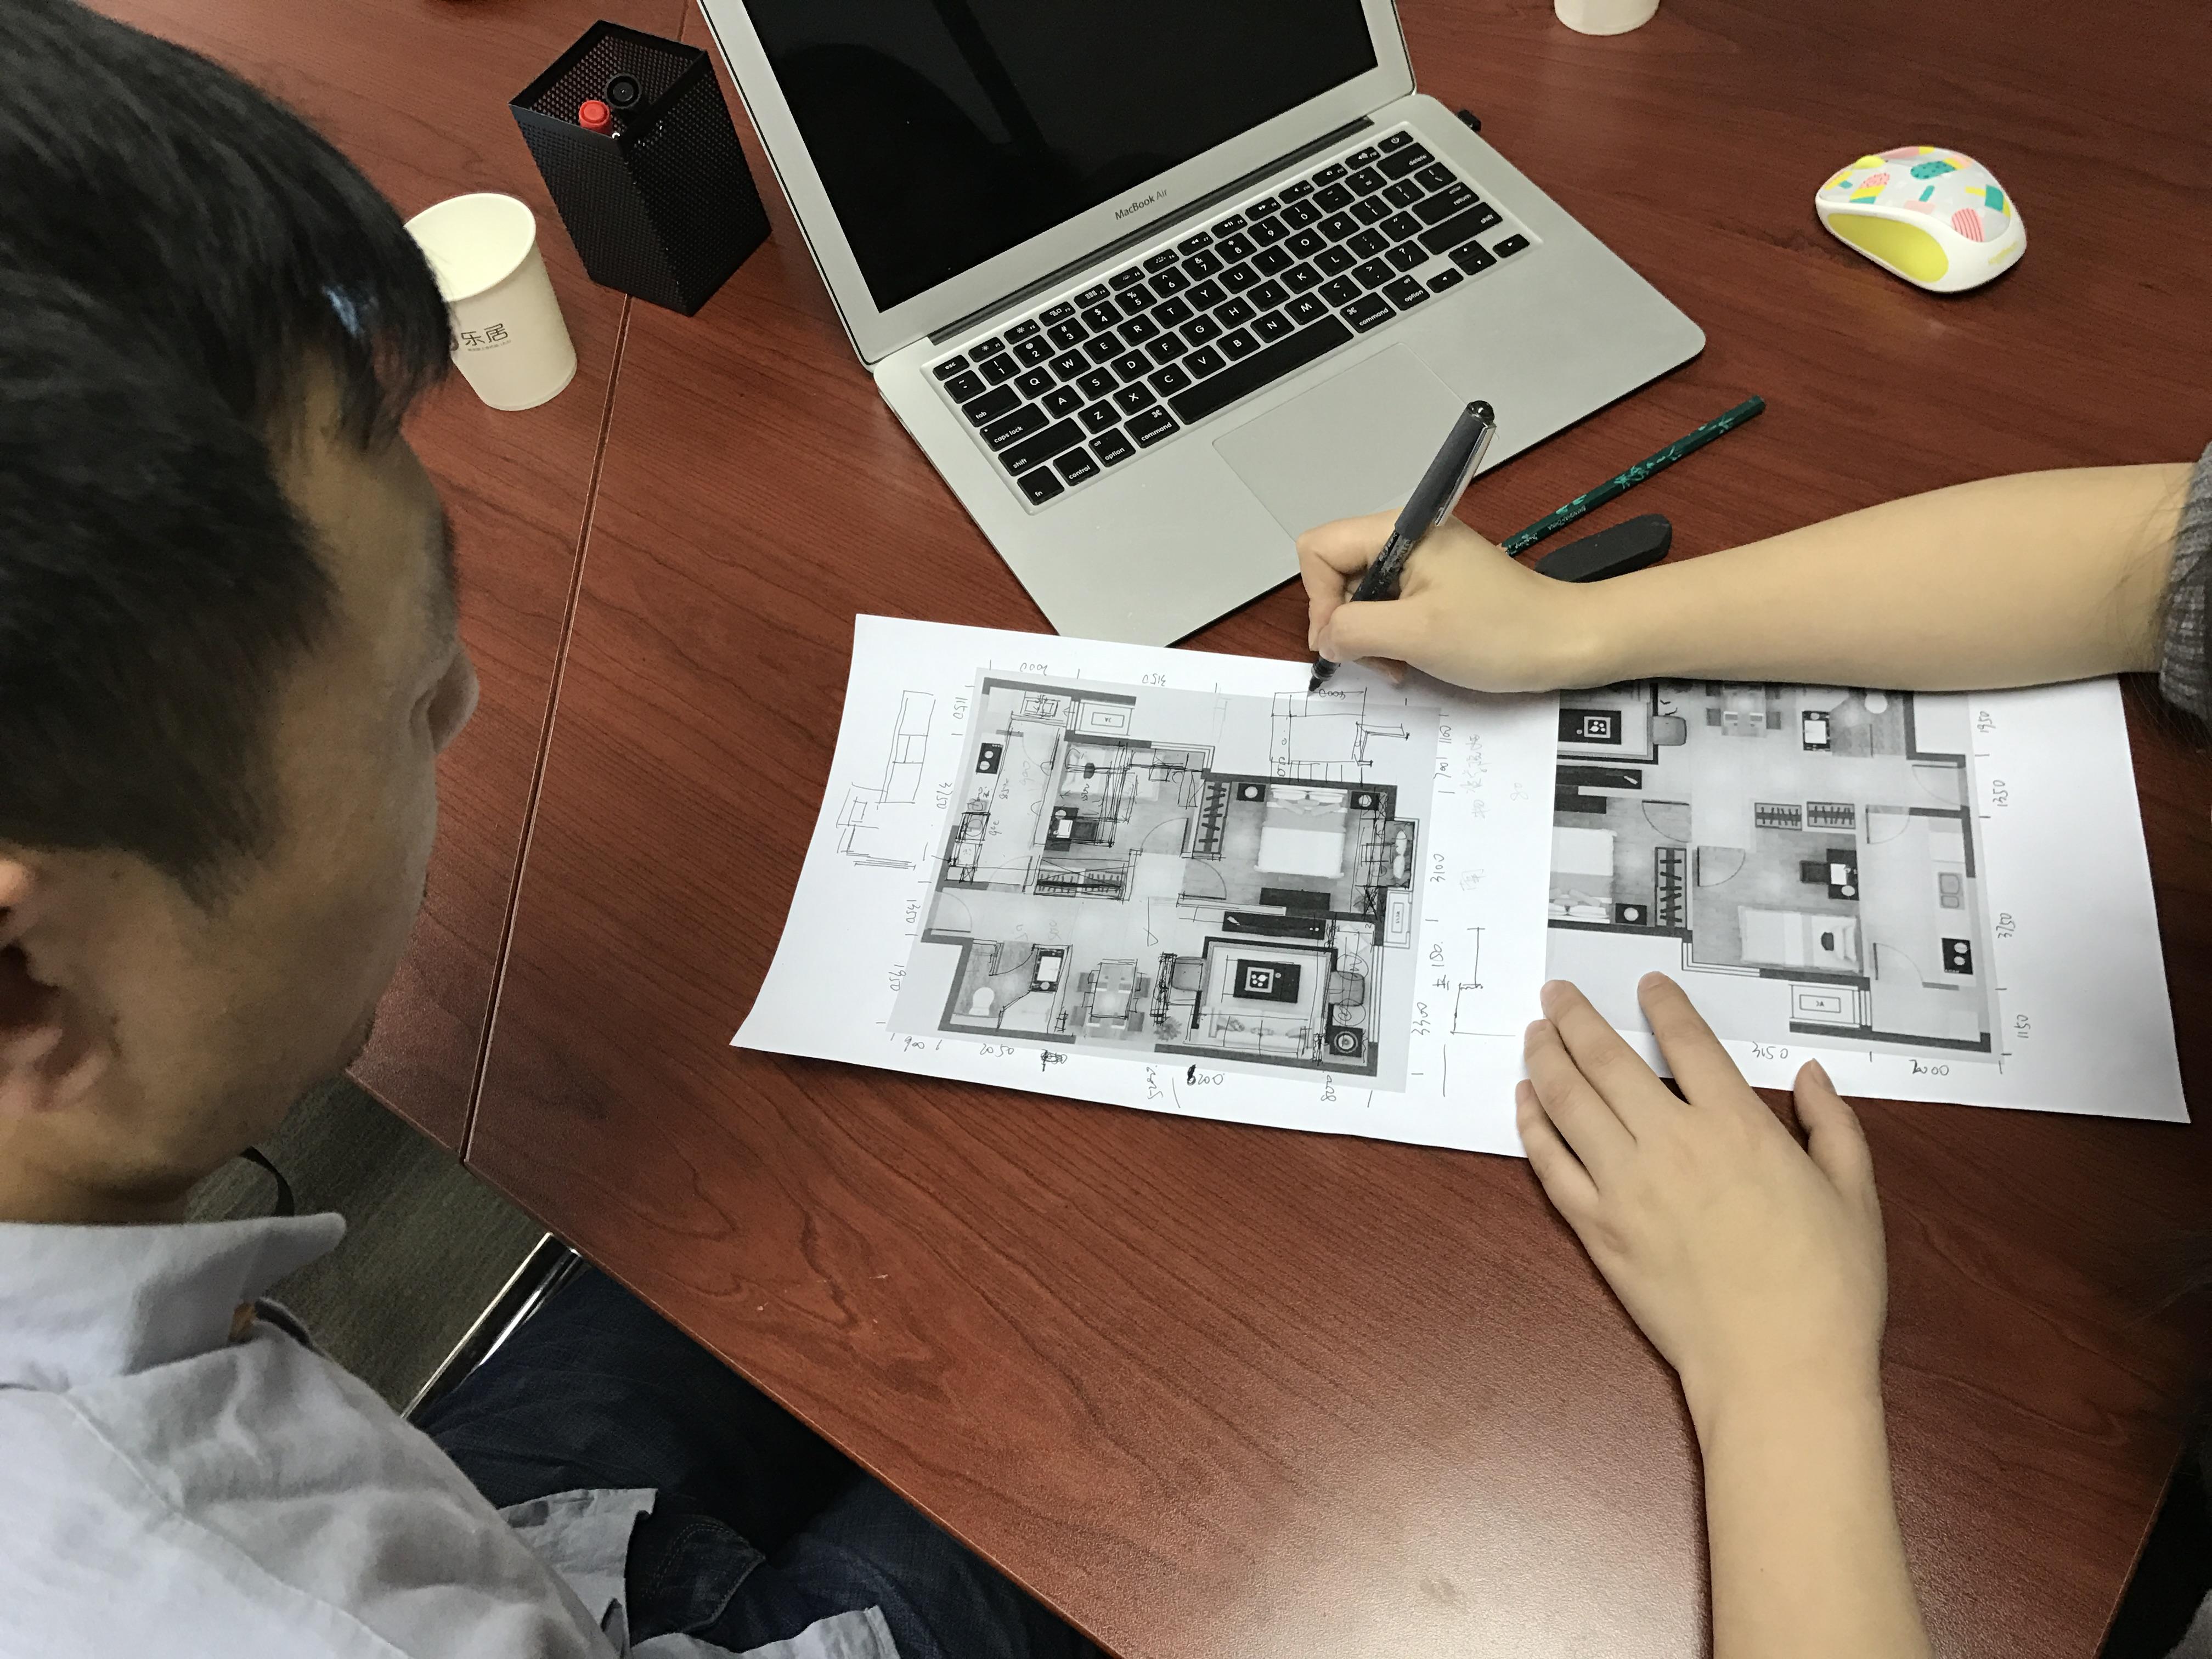 设计咨询日图片来自djfw2016在1231设计咨询日第8期的分享